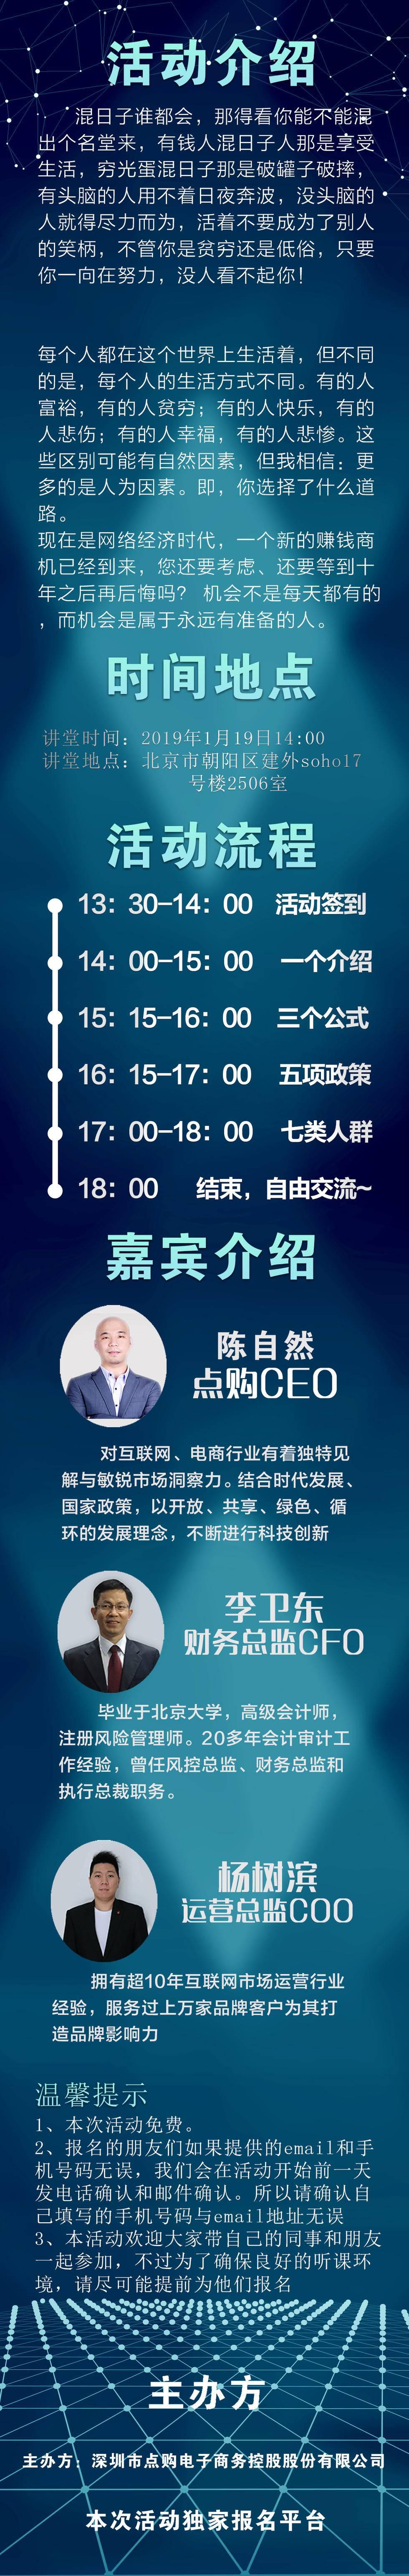 1-19北京 .jpg